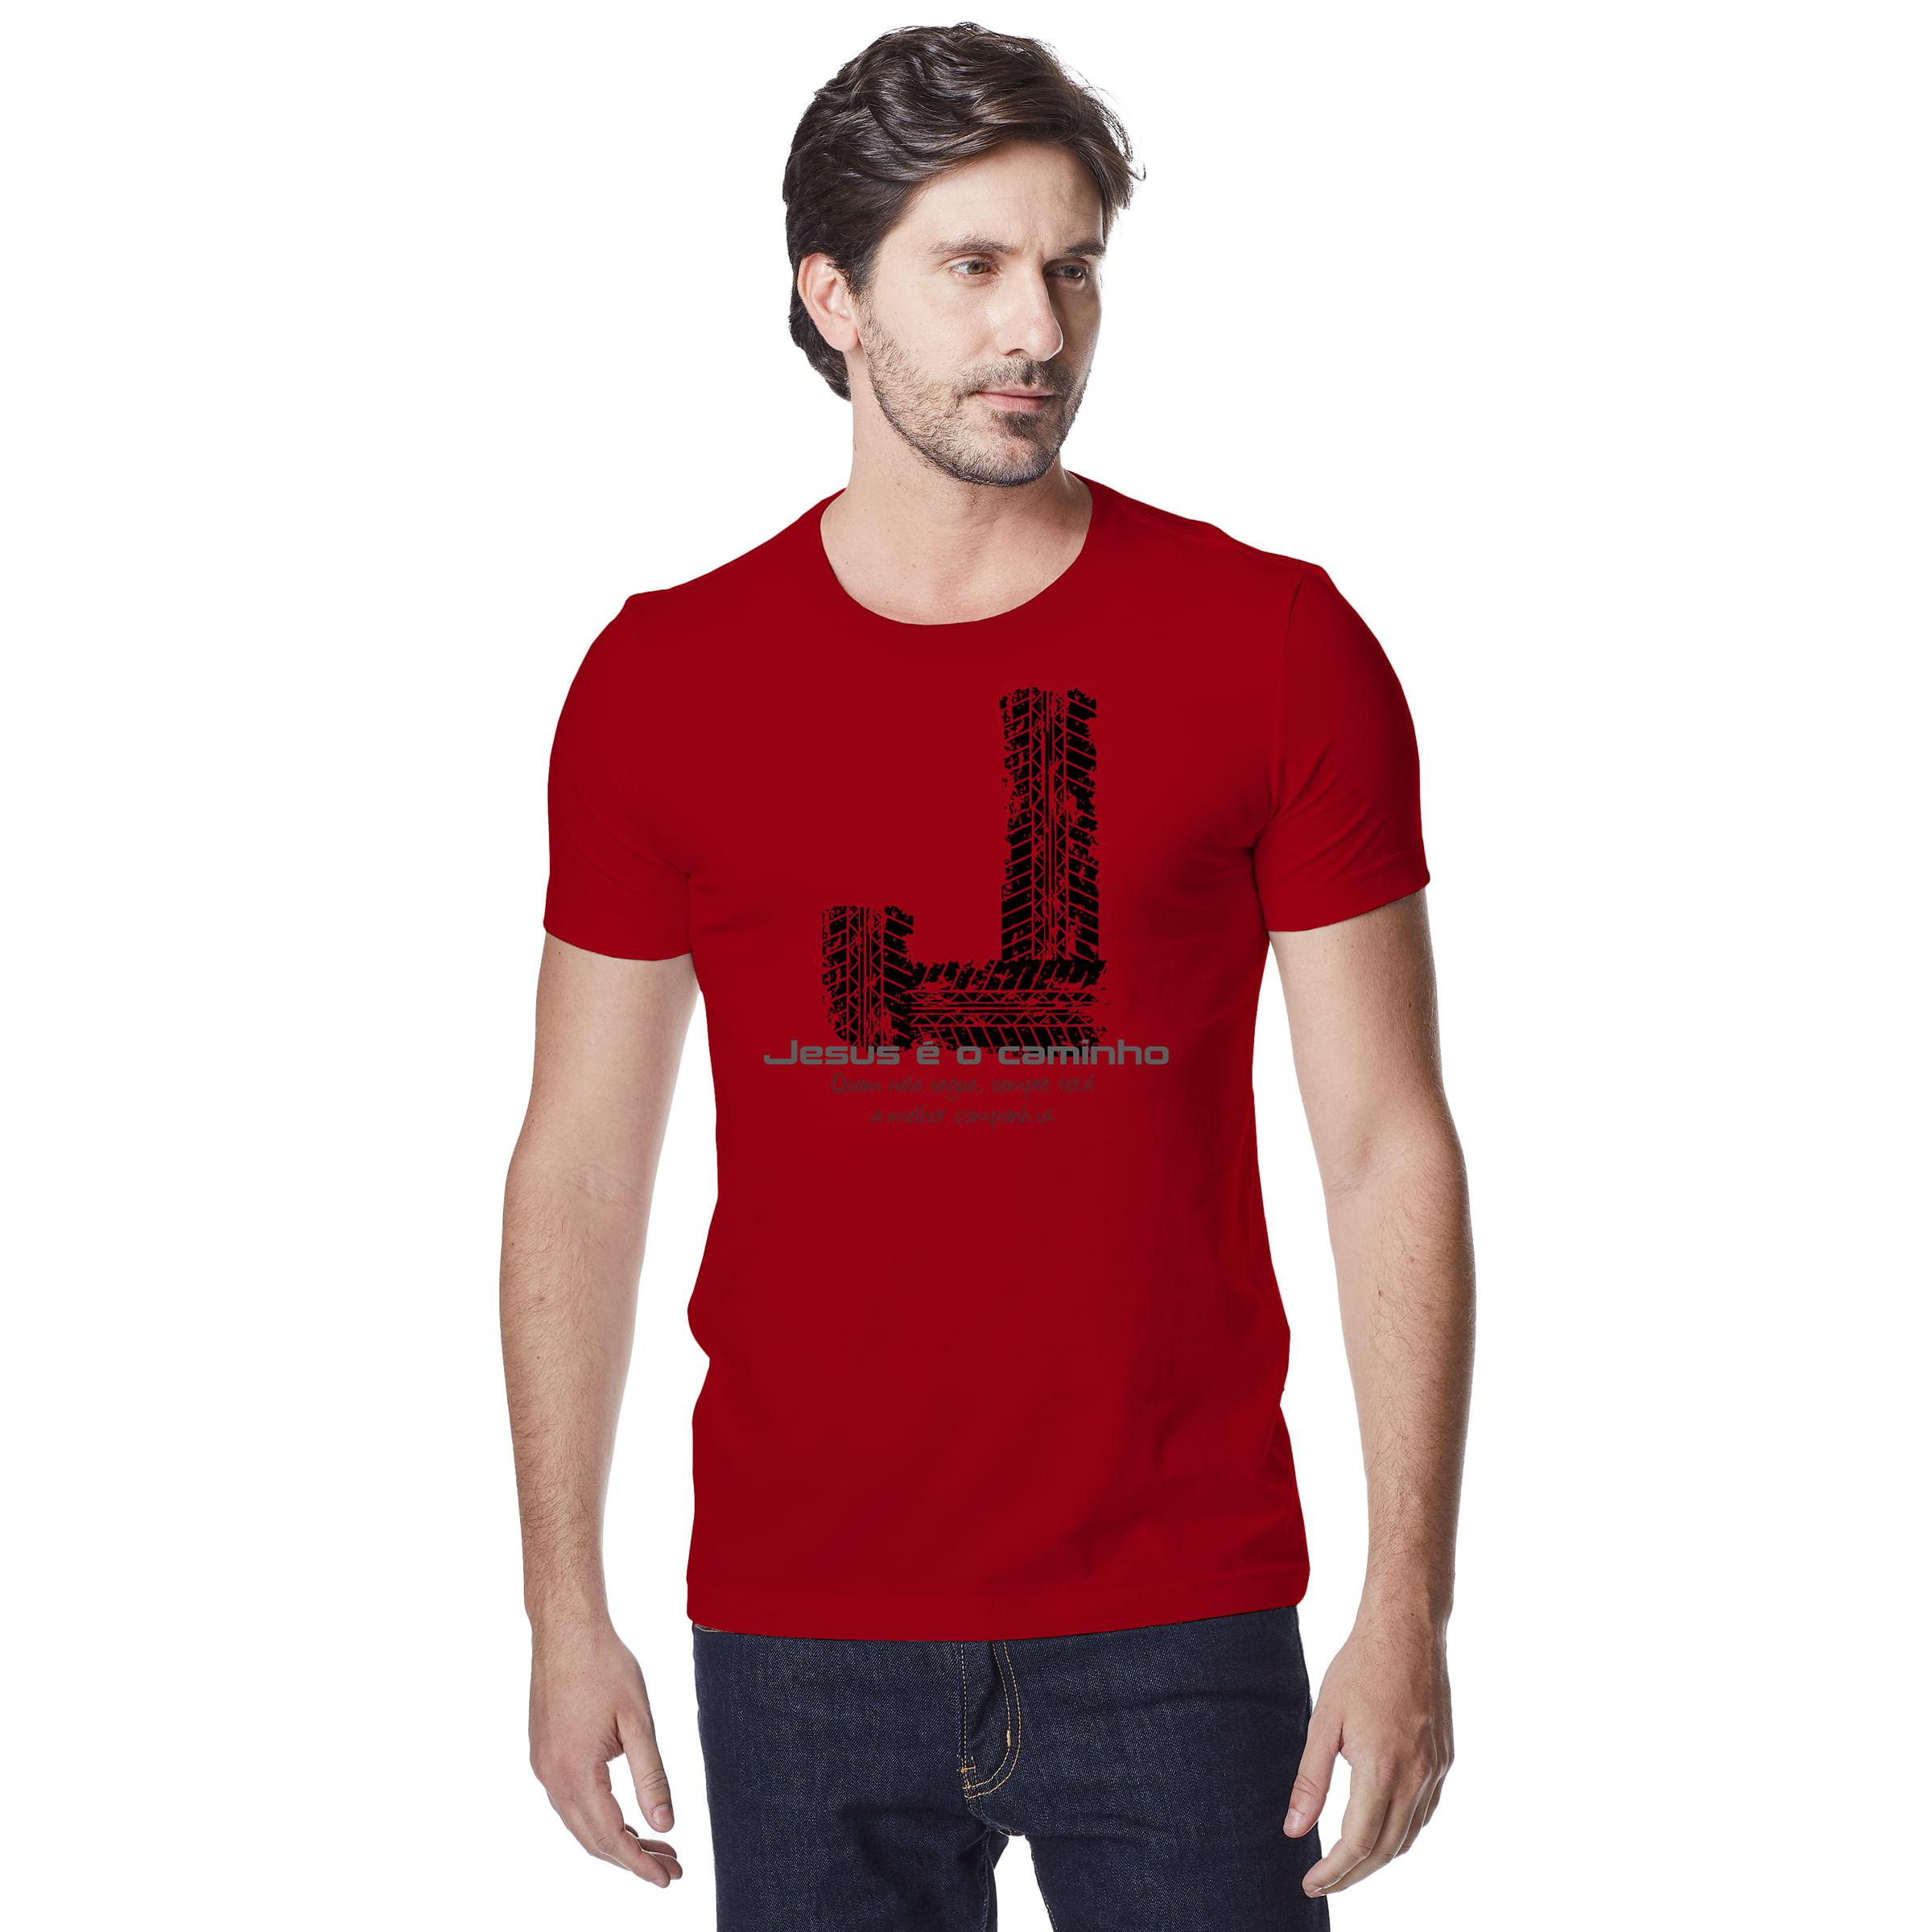 Camiseta-Masculina-Crista-Jesus-e-o-Caminho-–-Palavra-De-Luz